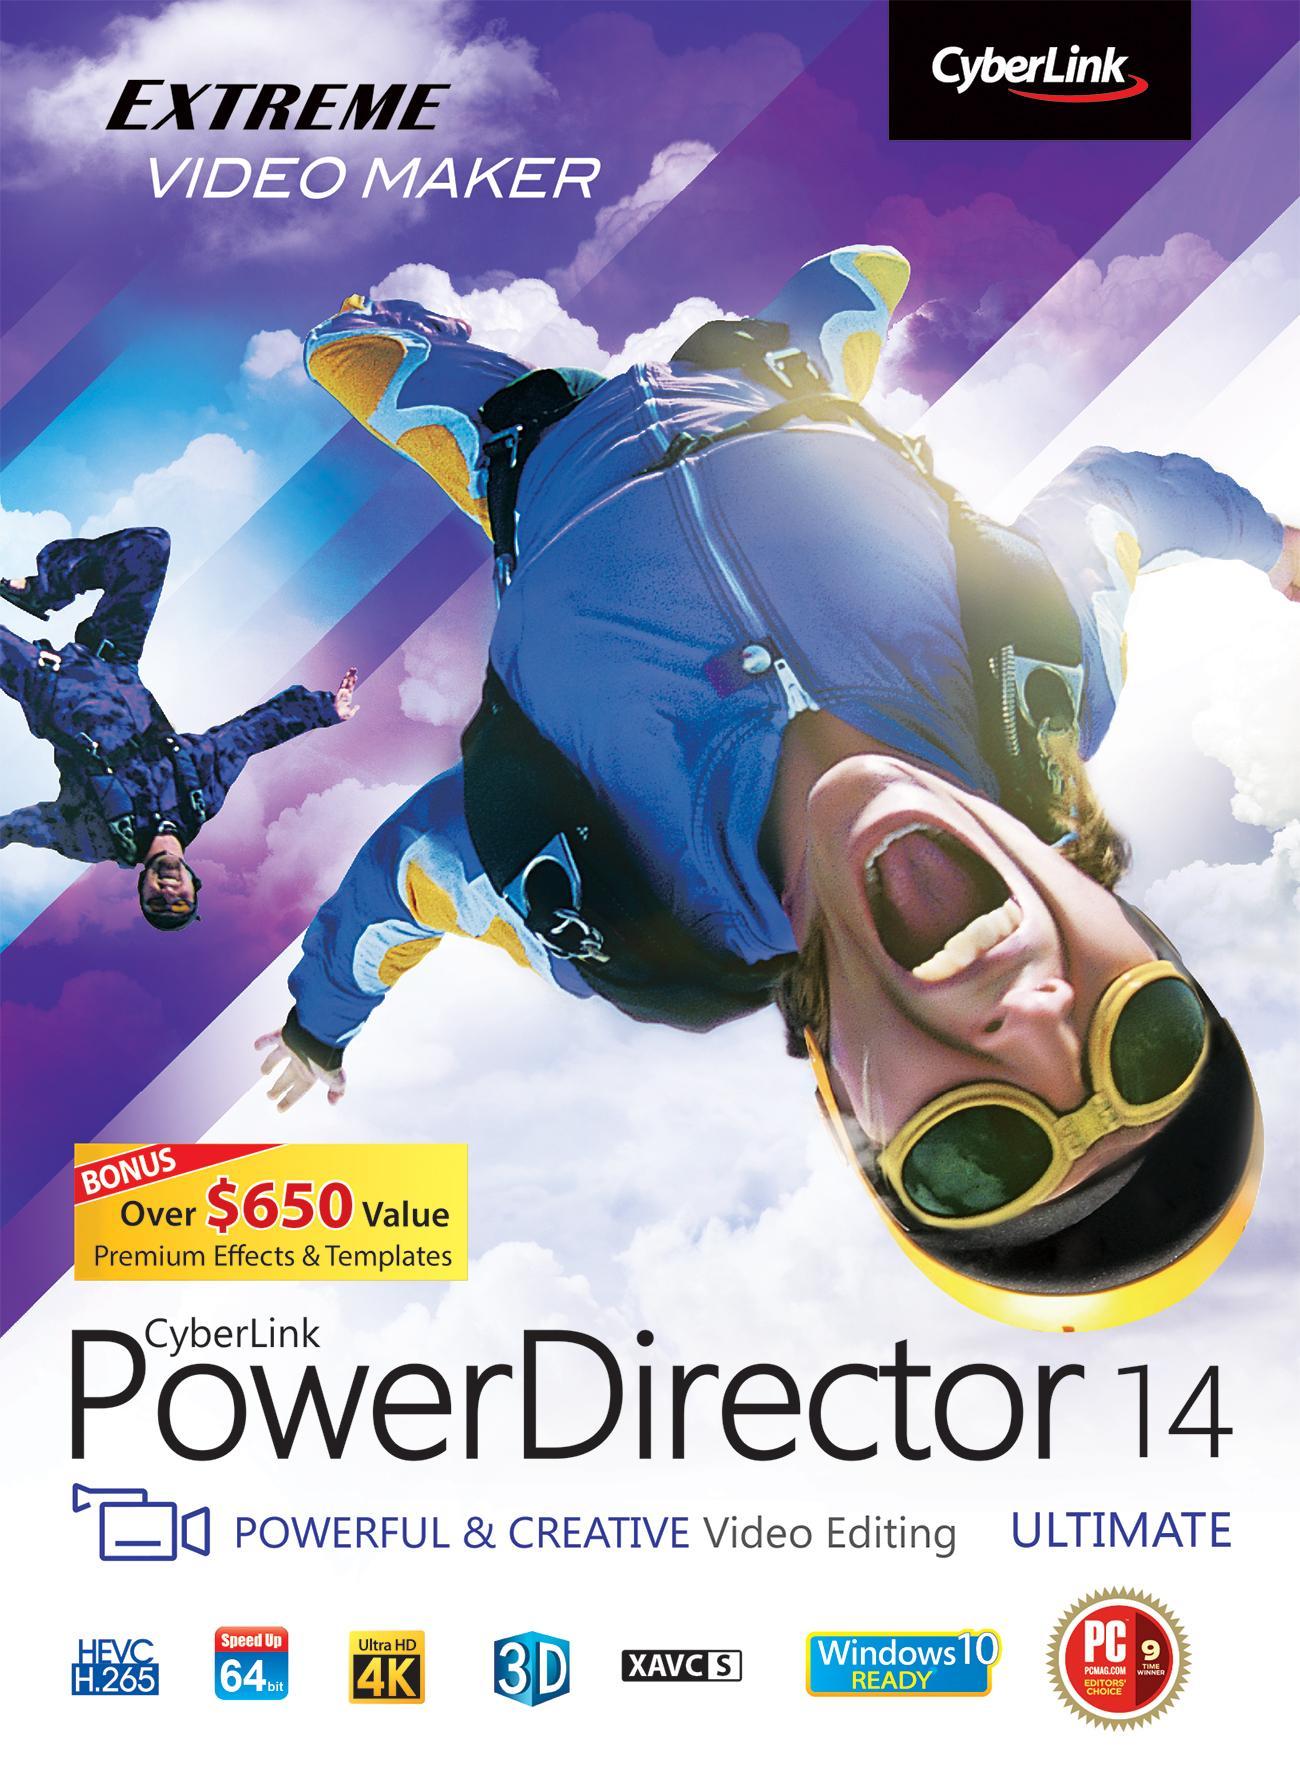 Amazon.com: Cyberlink PowerDirector 14 Ultimate